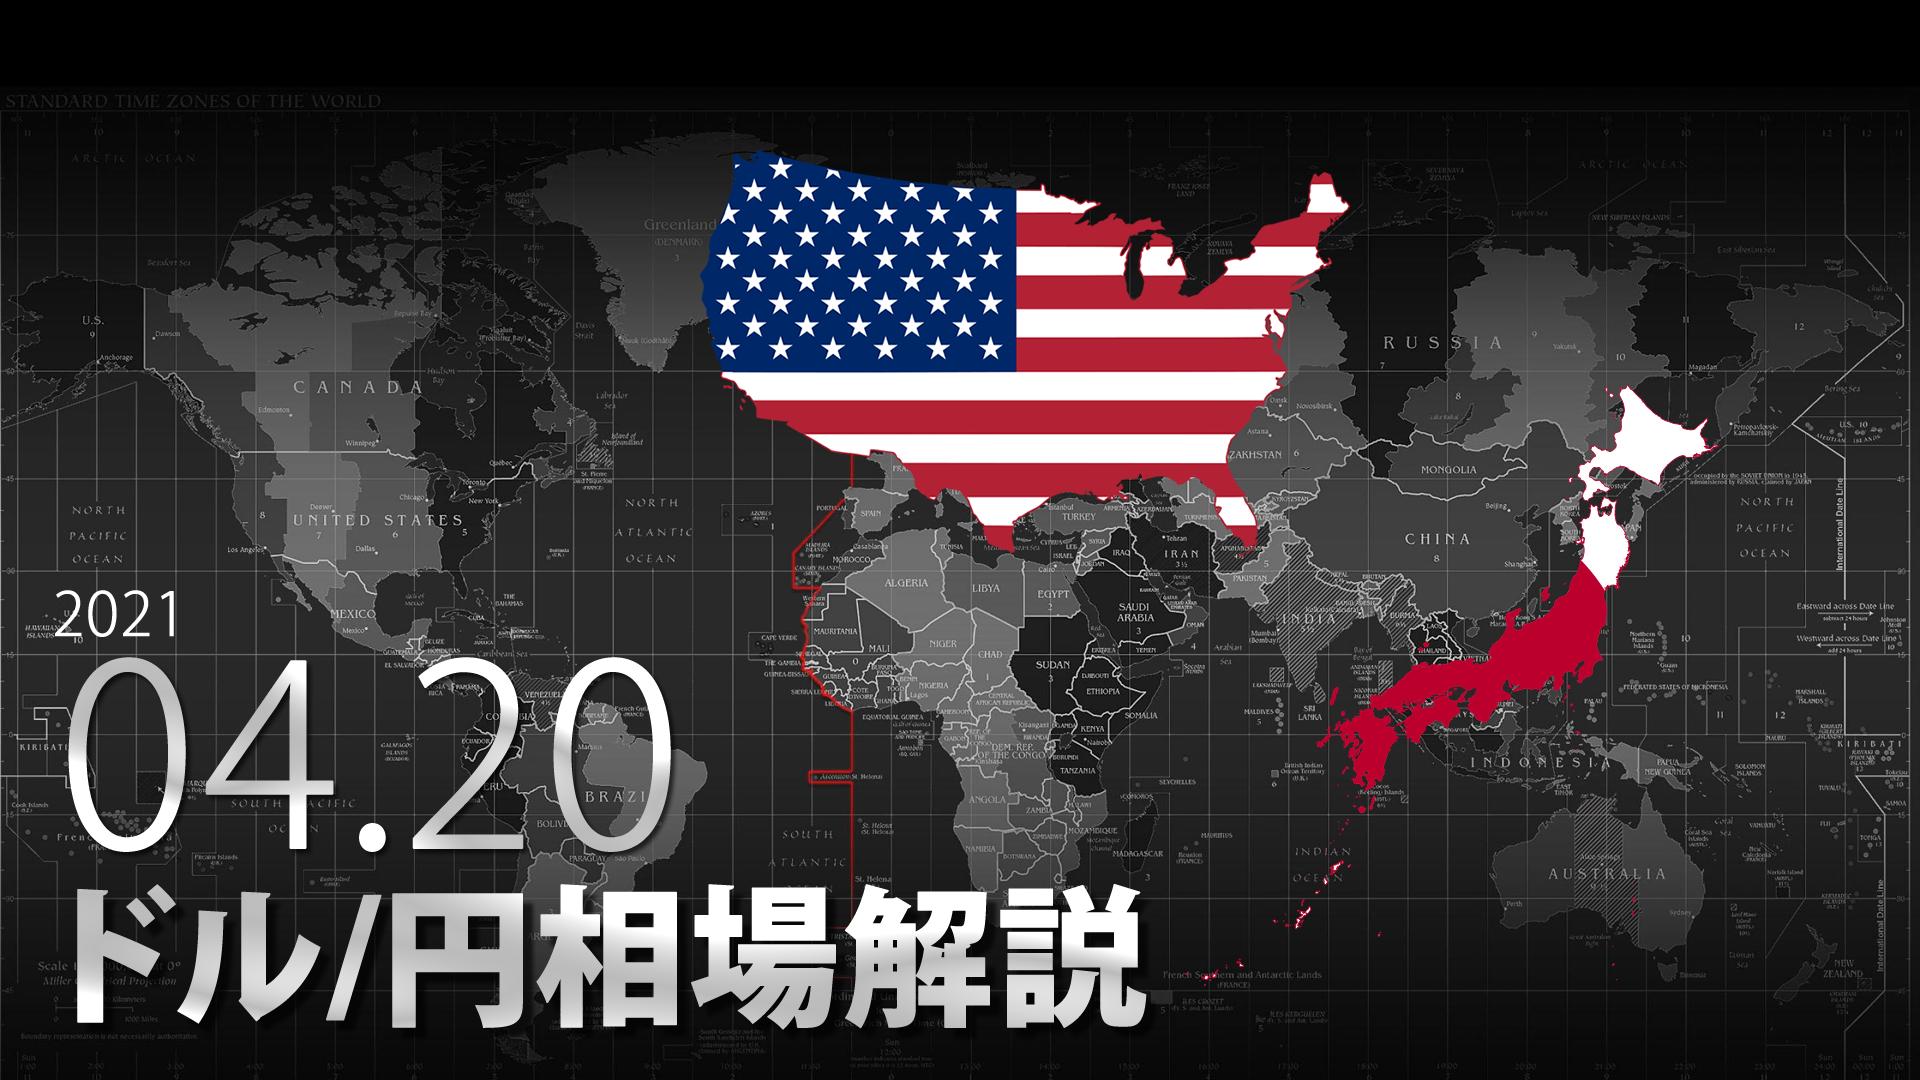 ドル円は2021年1月からの上昇トレンドの中で最大の下落進行中。トレンド転換は起こるか?